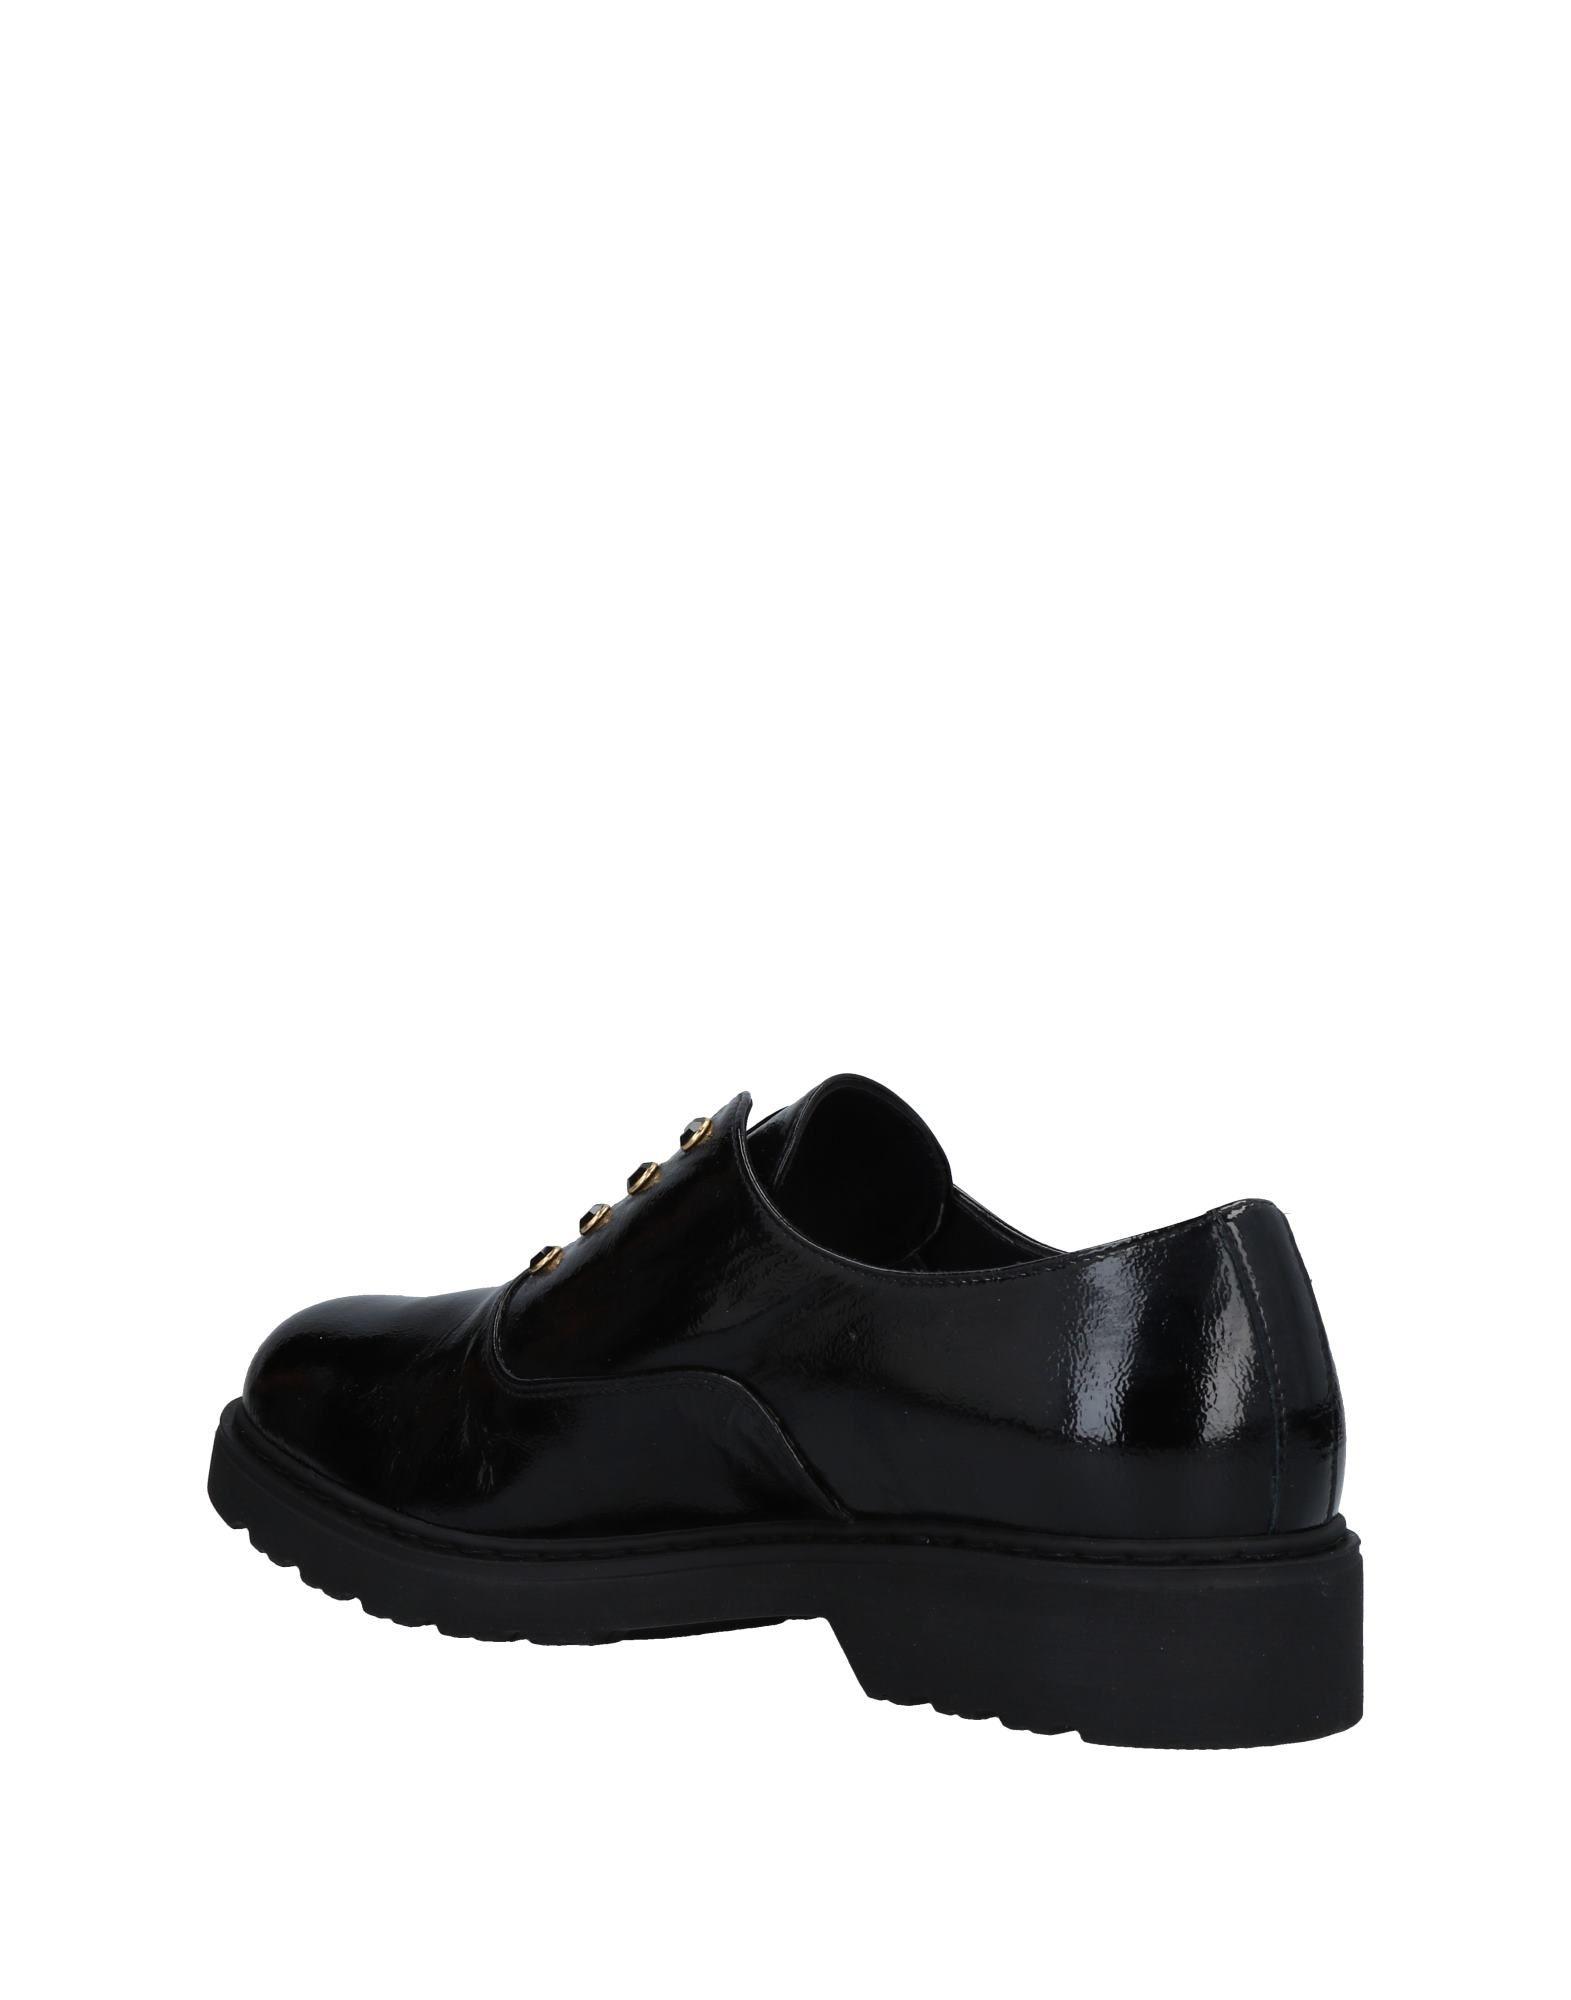 Stilvolle Mokassins billige Schuhe Norma J.Baker Mokassins Stilvolle Damen  11476924HA 72a5a9